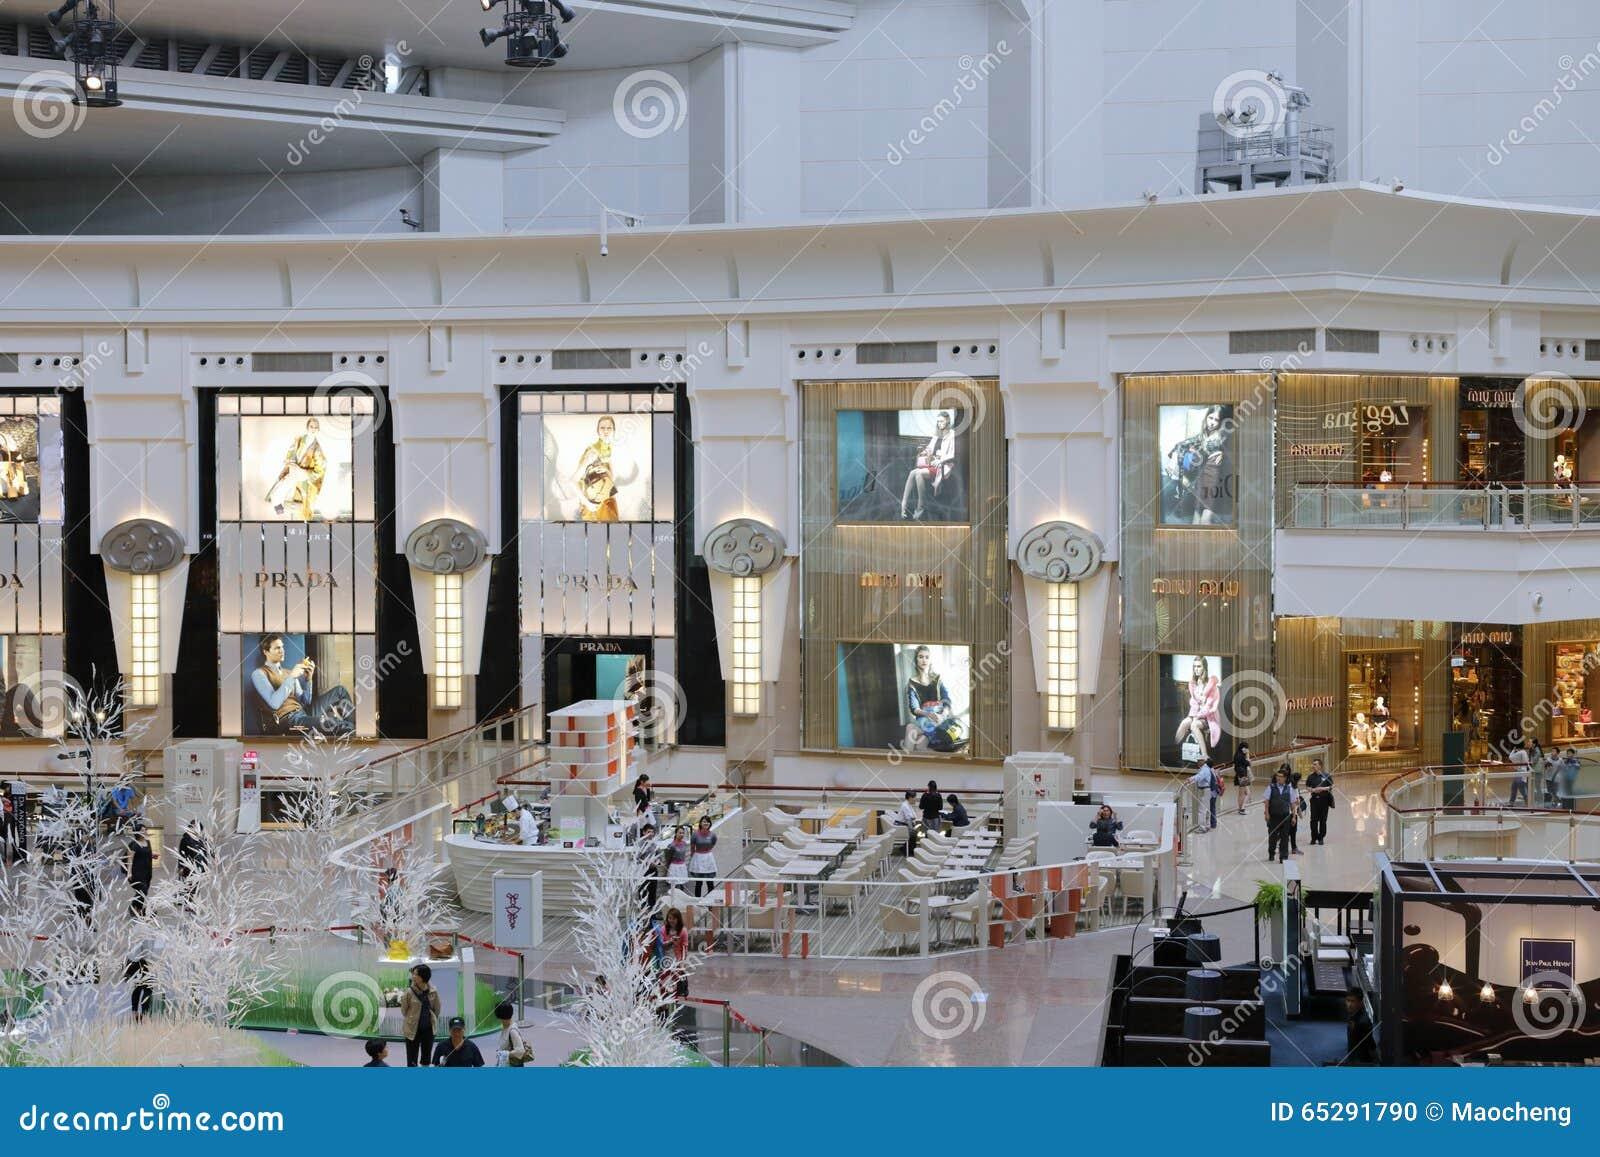 finest selection 0083b c6225 Il negozio di prada immagine editoriale. Immagine di ...